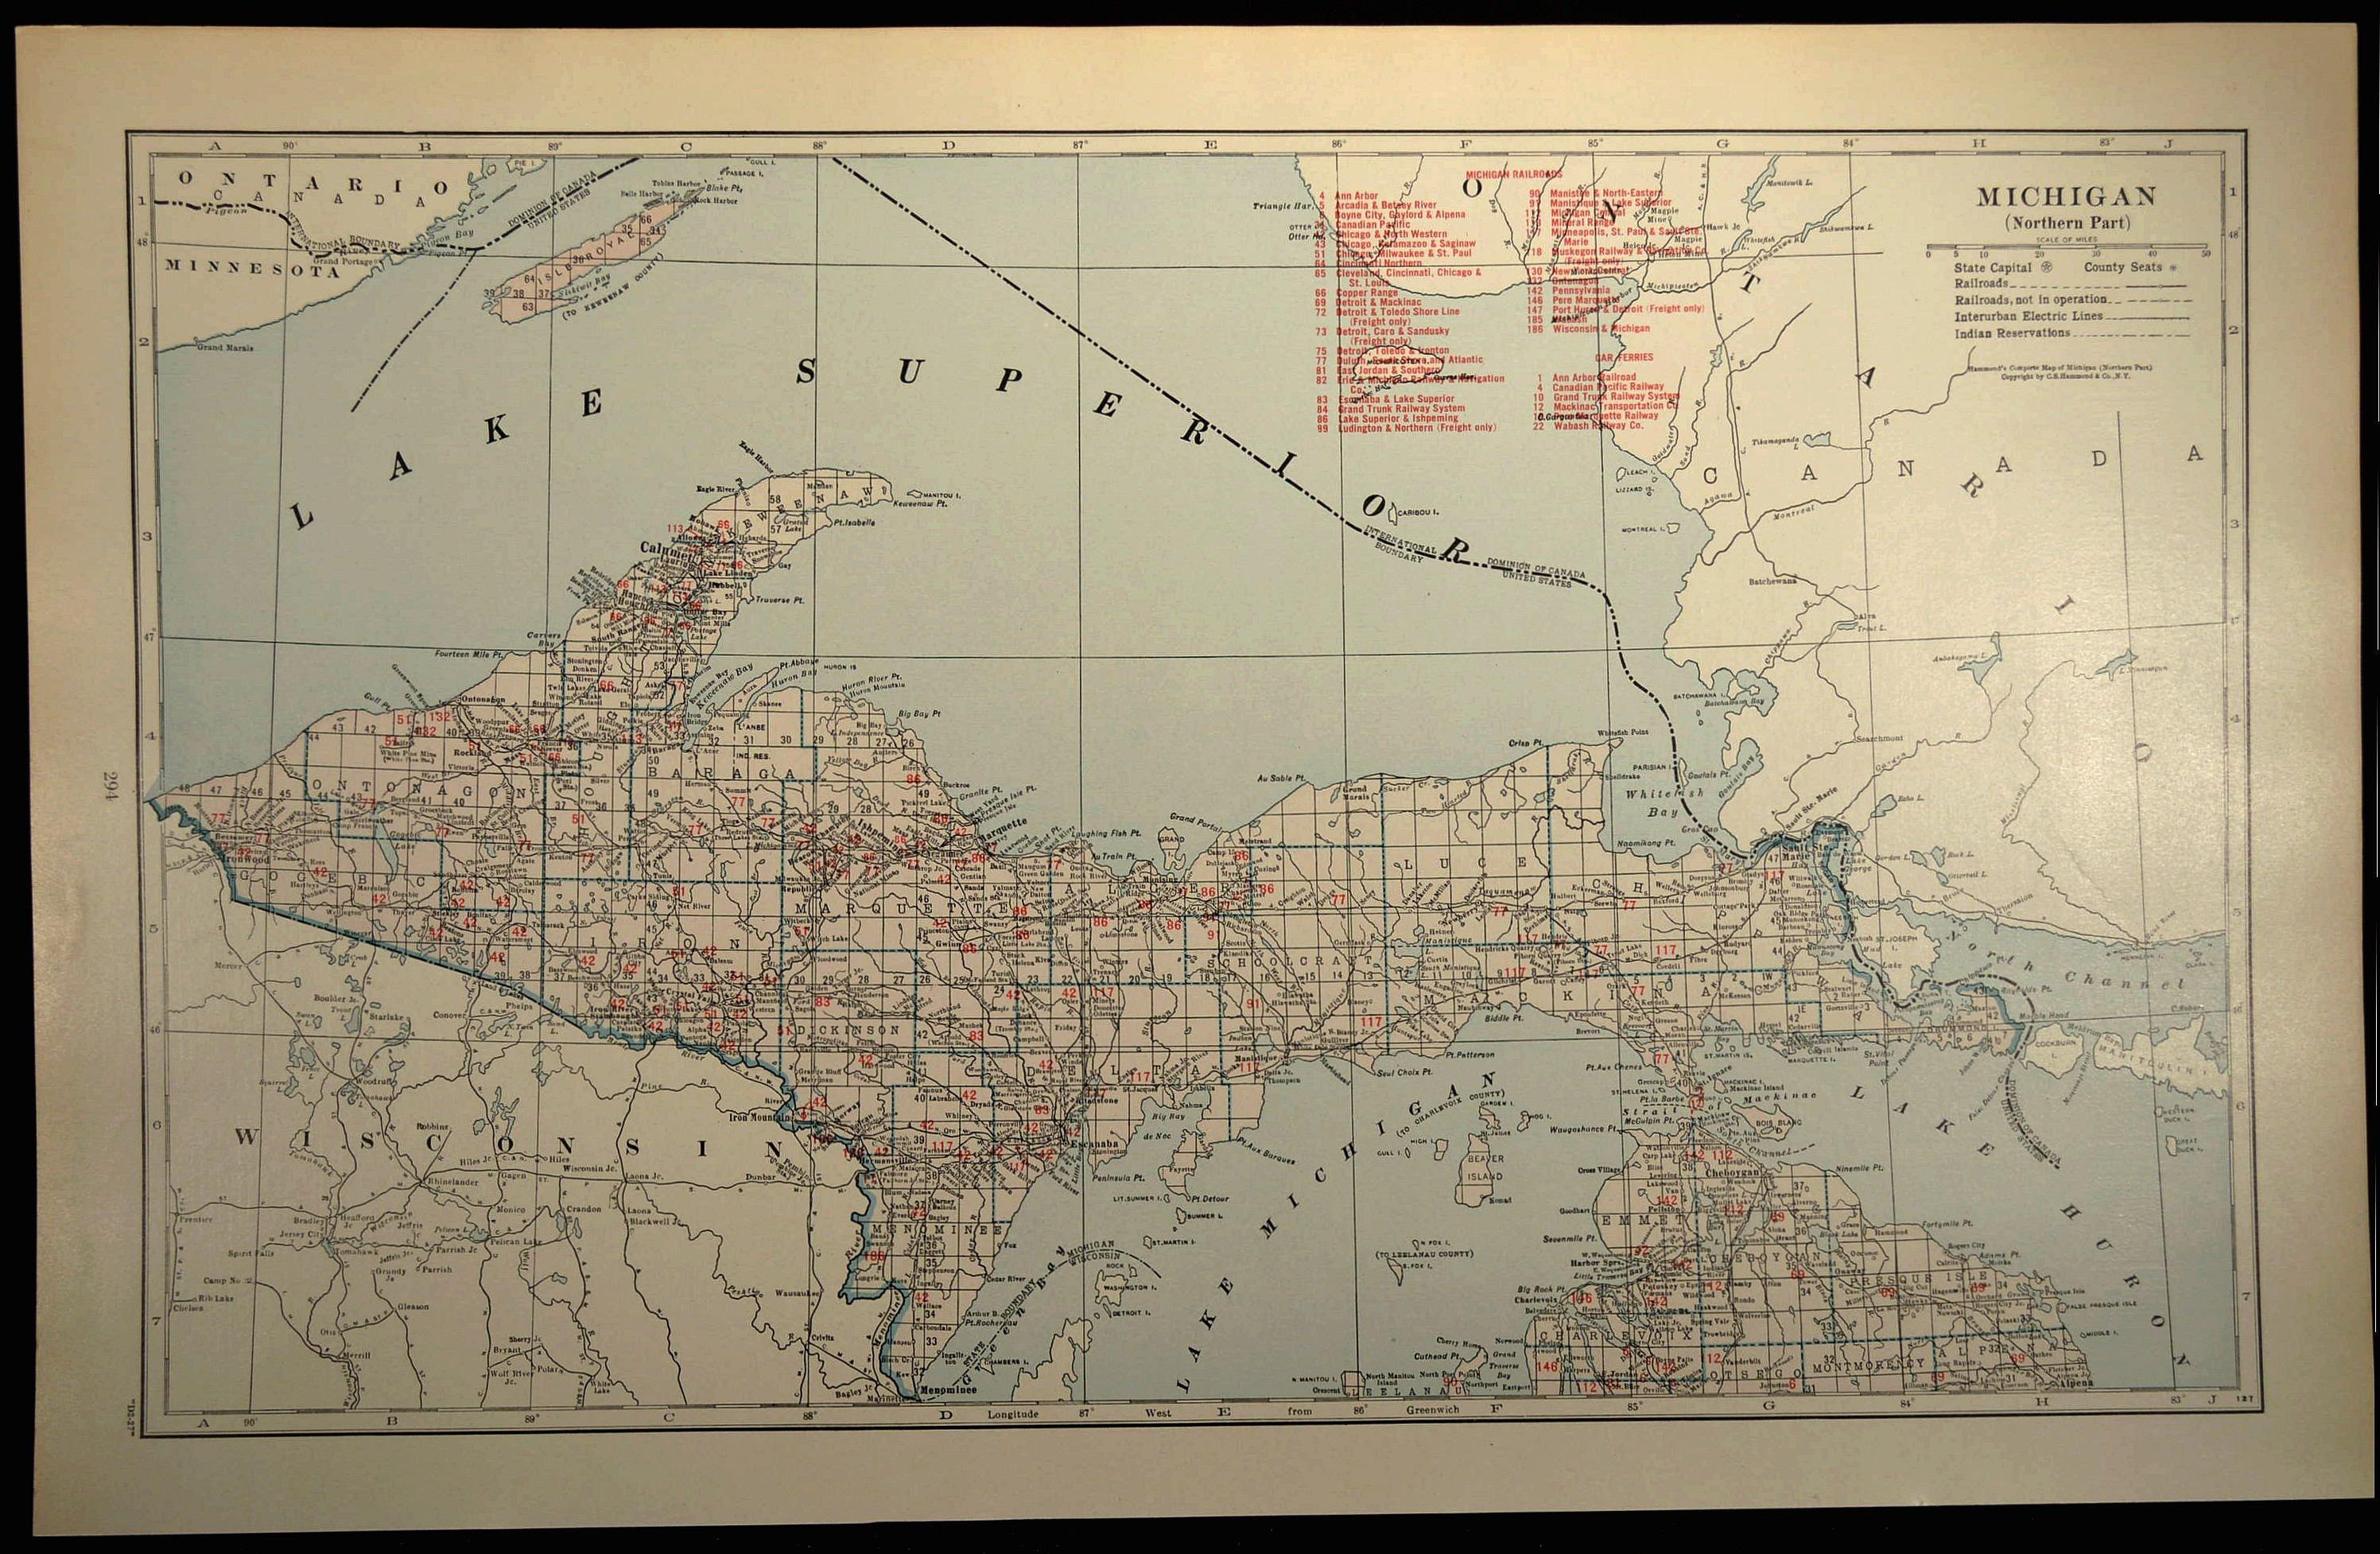 Michigan Railroad Map LARGE Map of Northern Michigan Peninsula